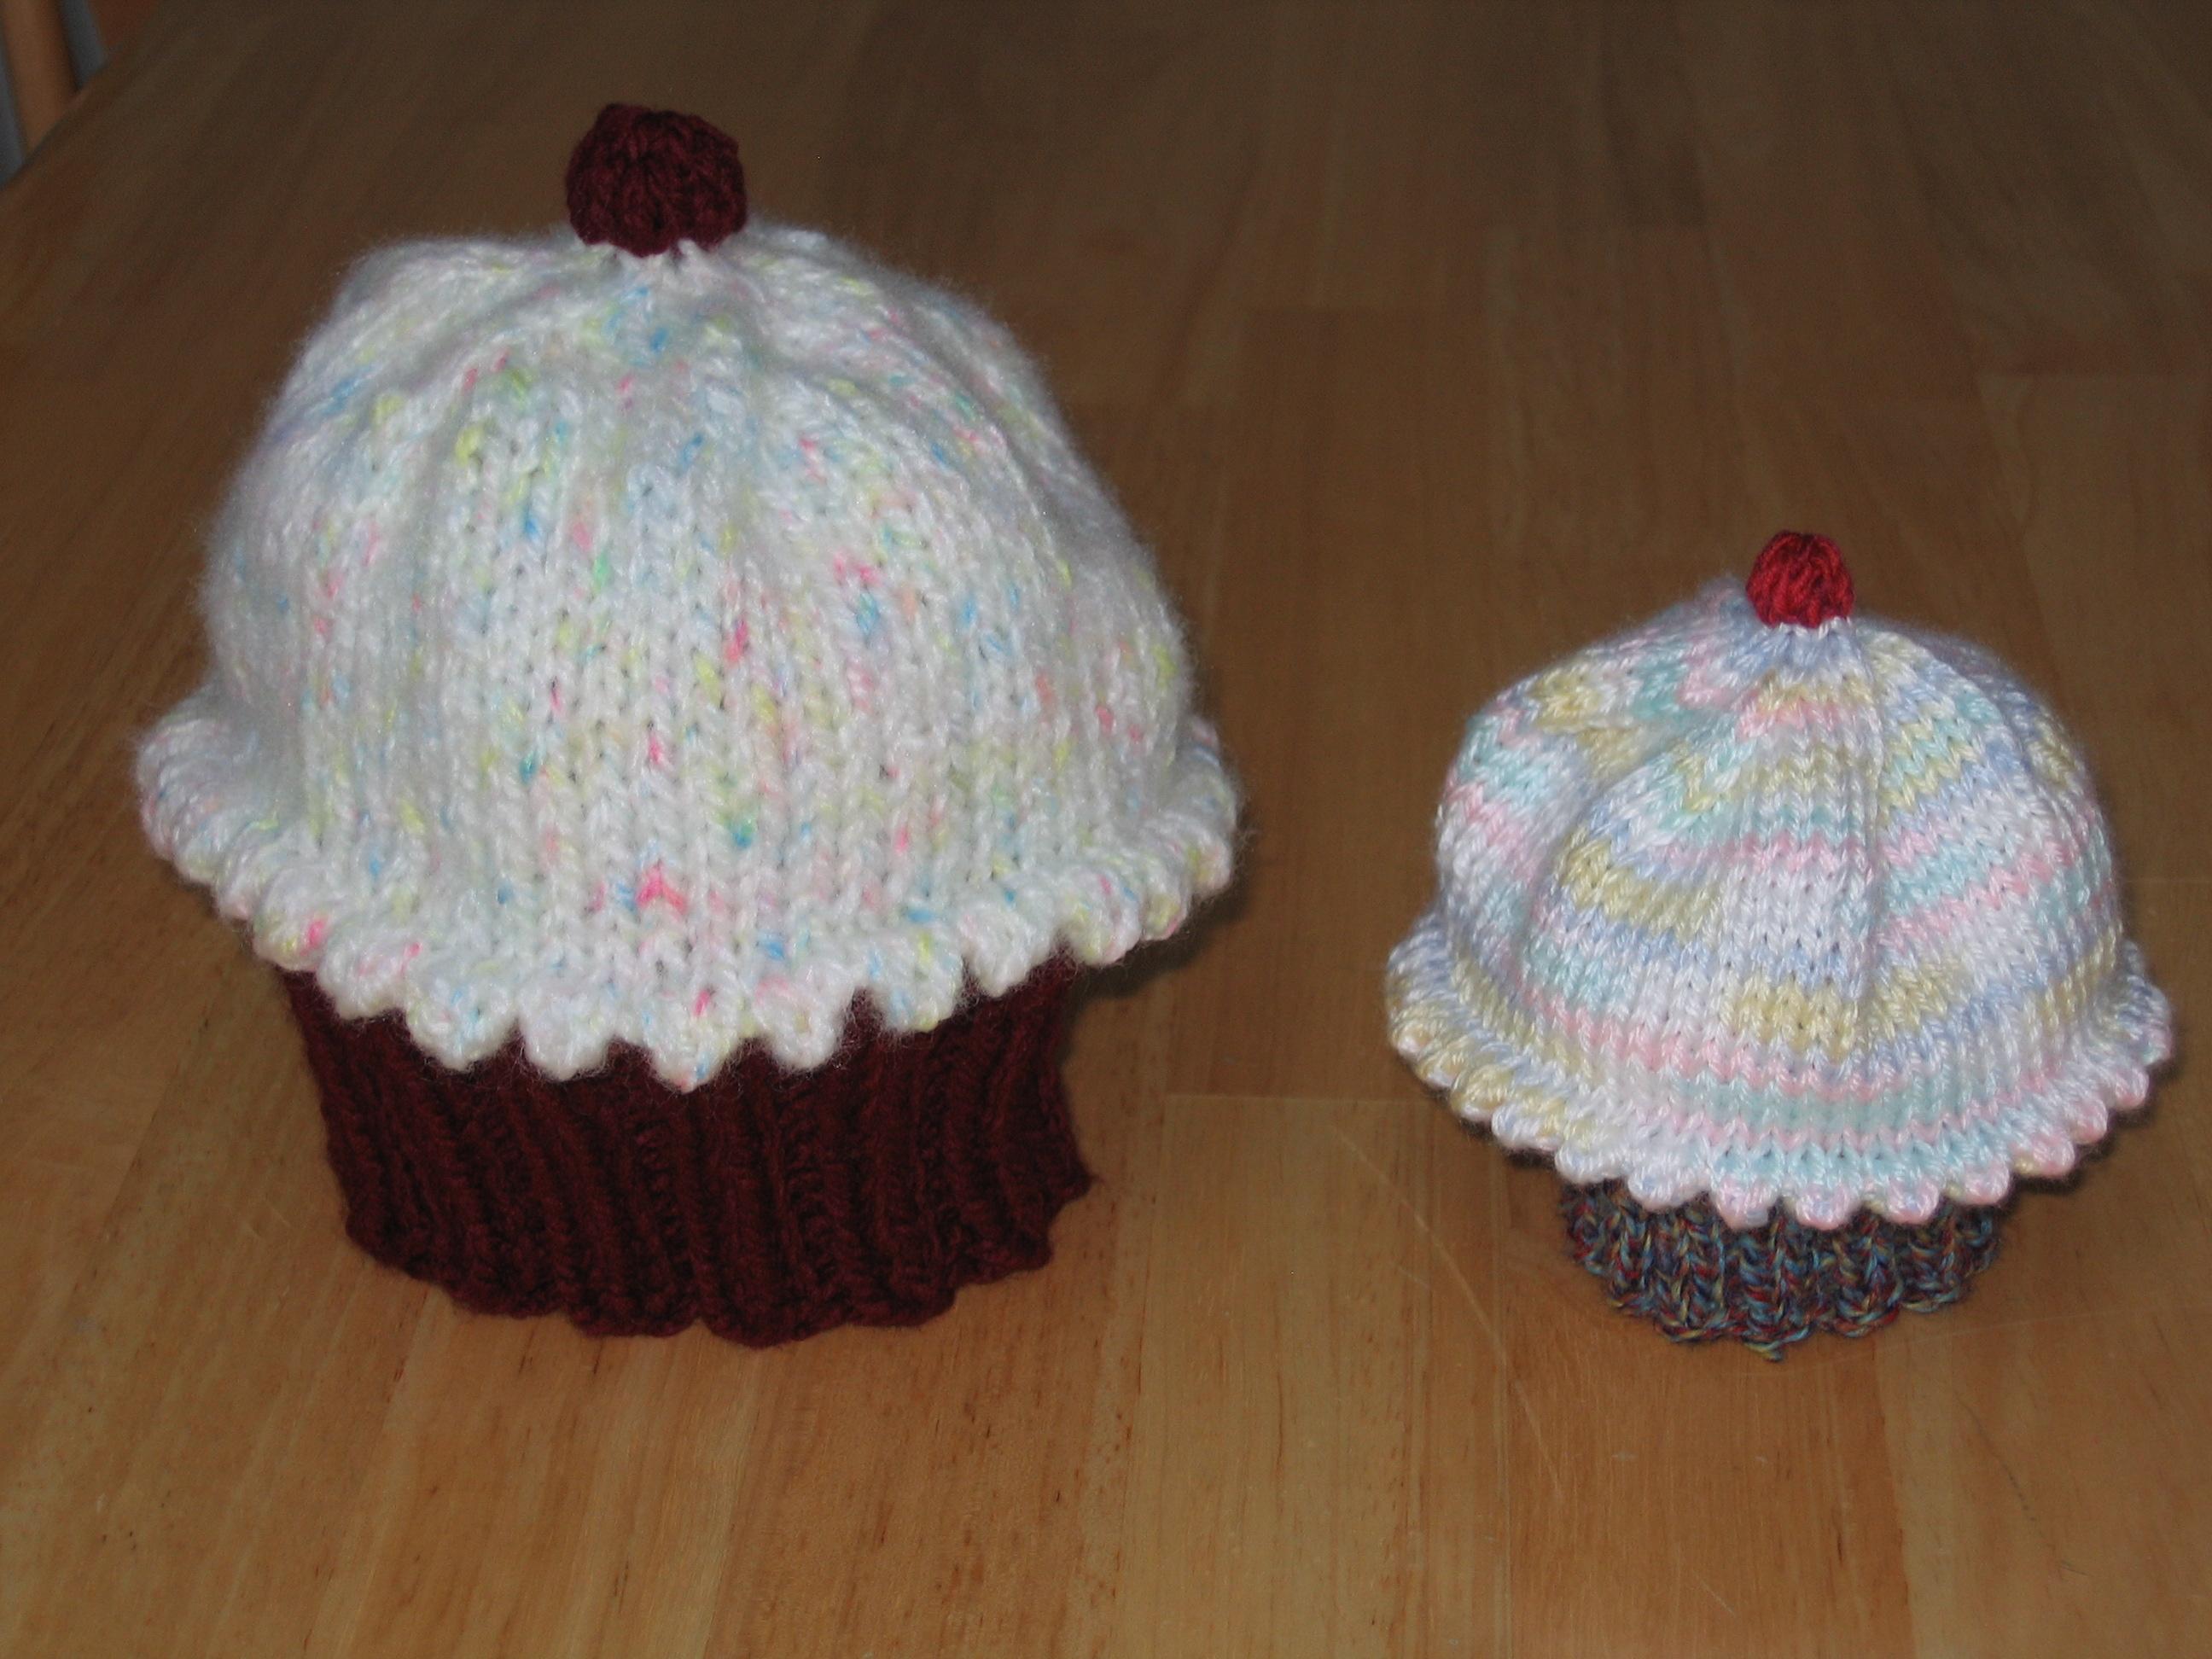 Knitting Patterns Galore - Yummy Cupcake Hat